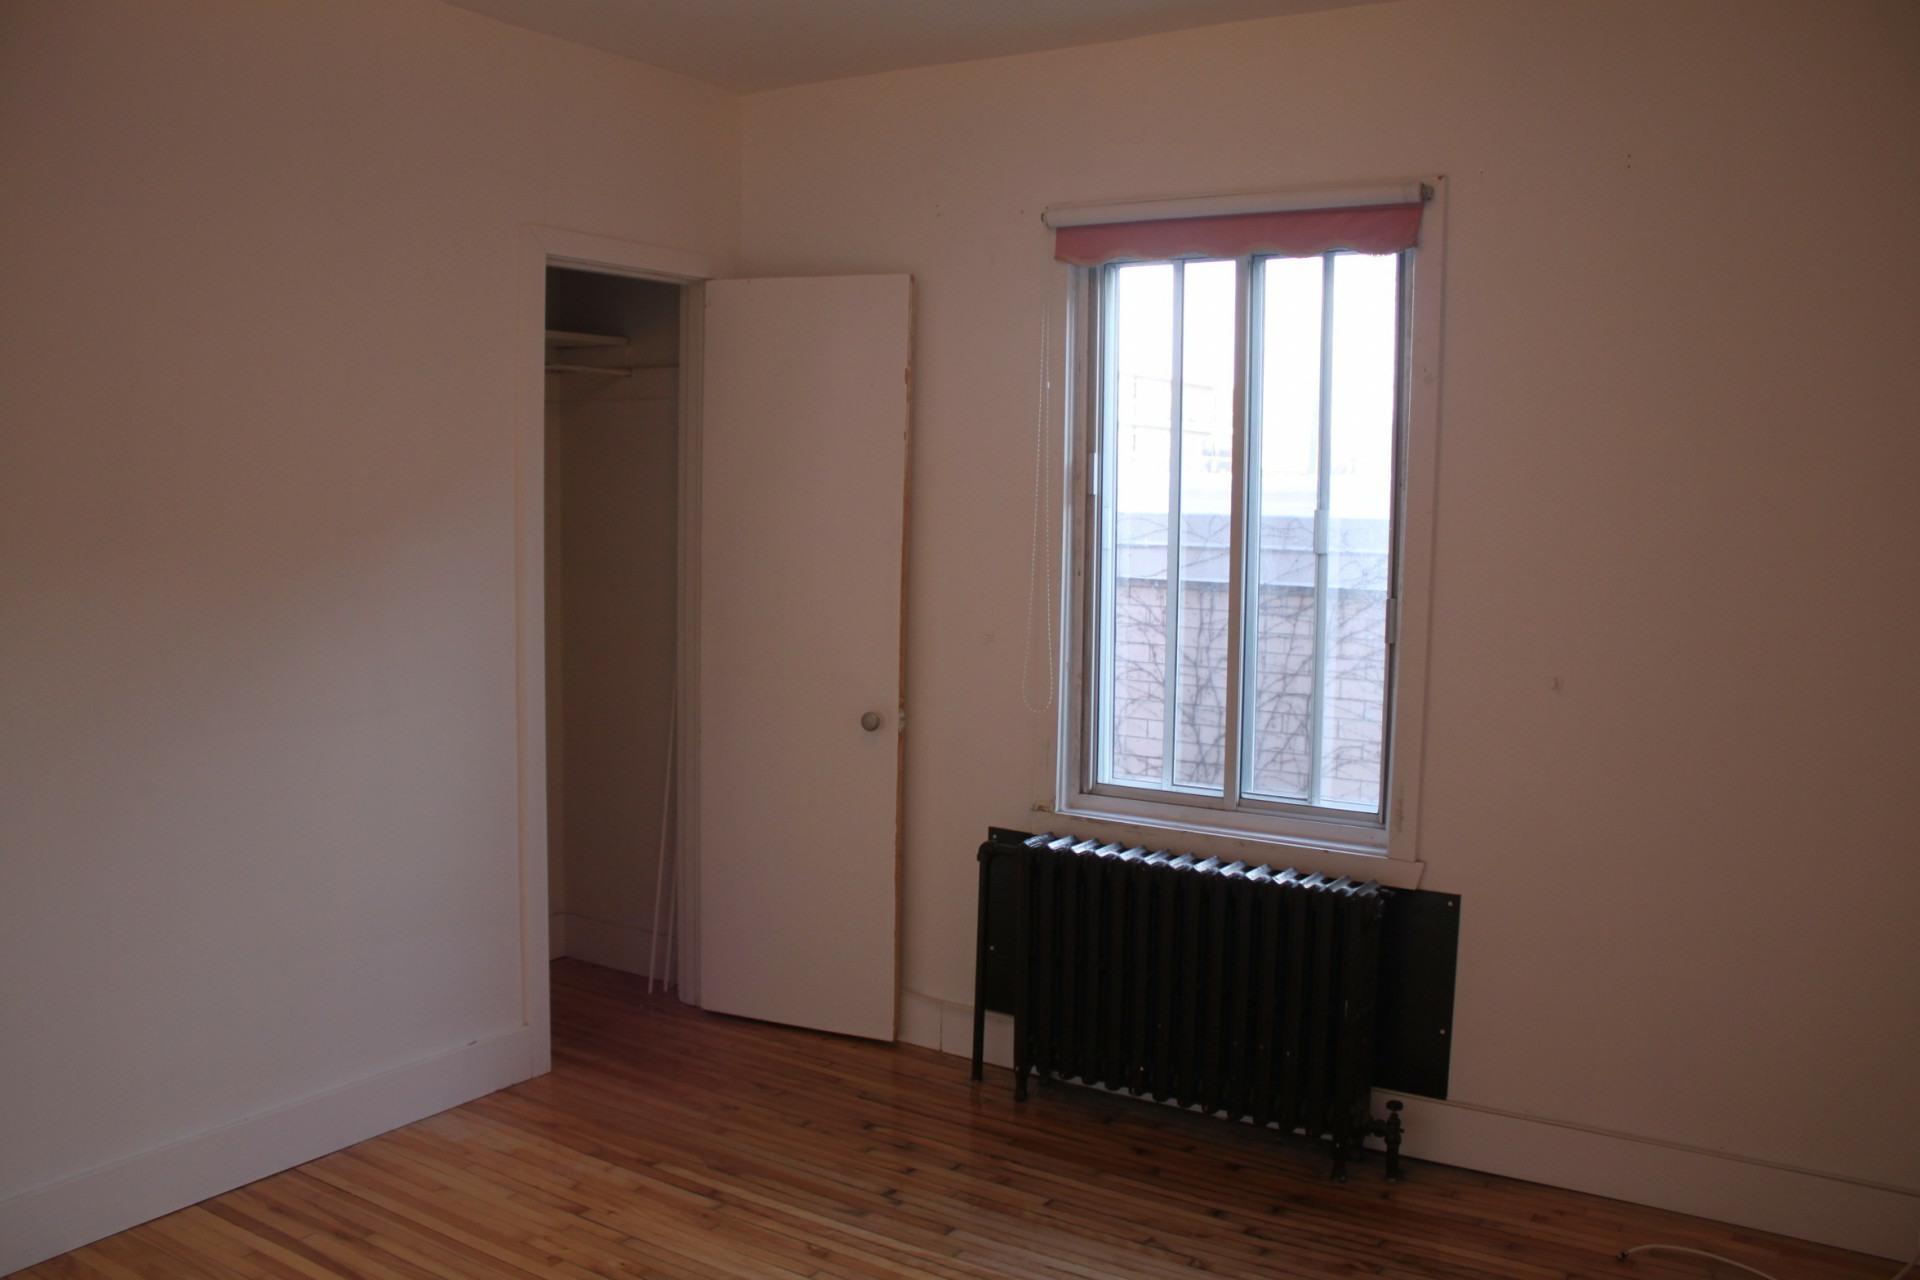 image 5 - Apartment For rent Montréal Mercier - 3 rooms